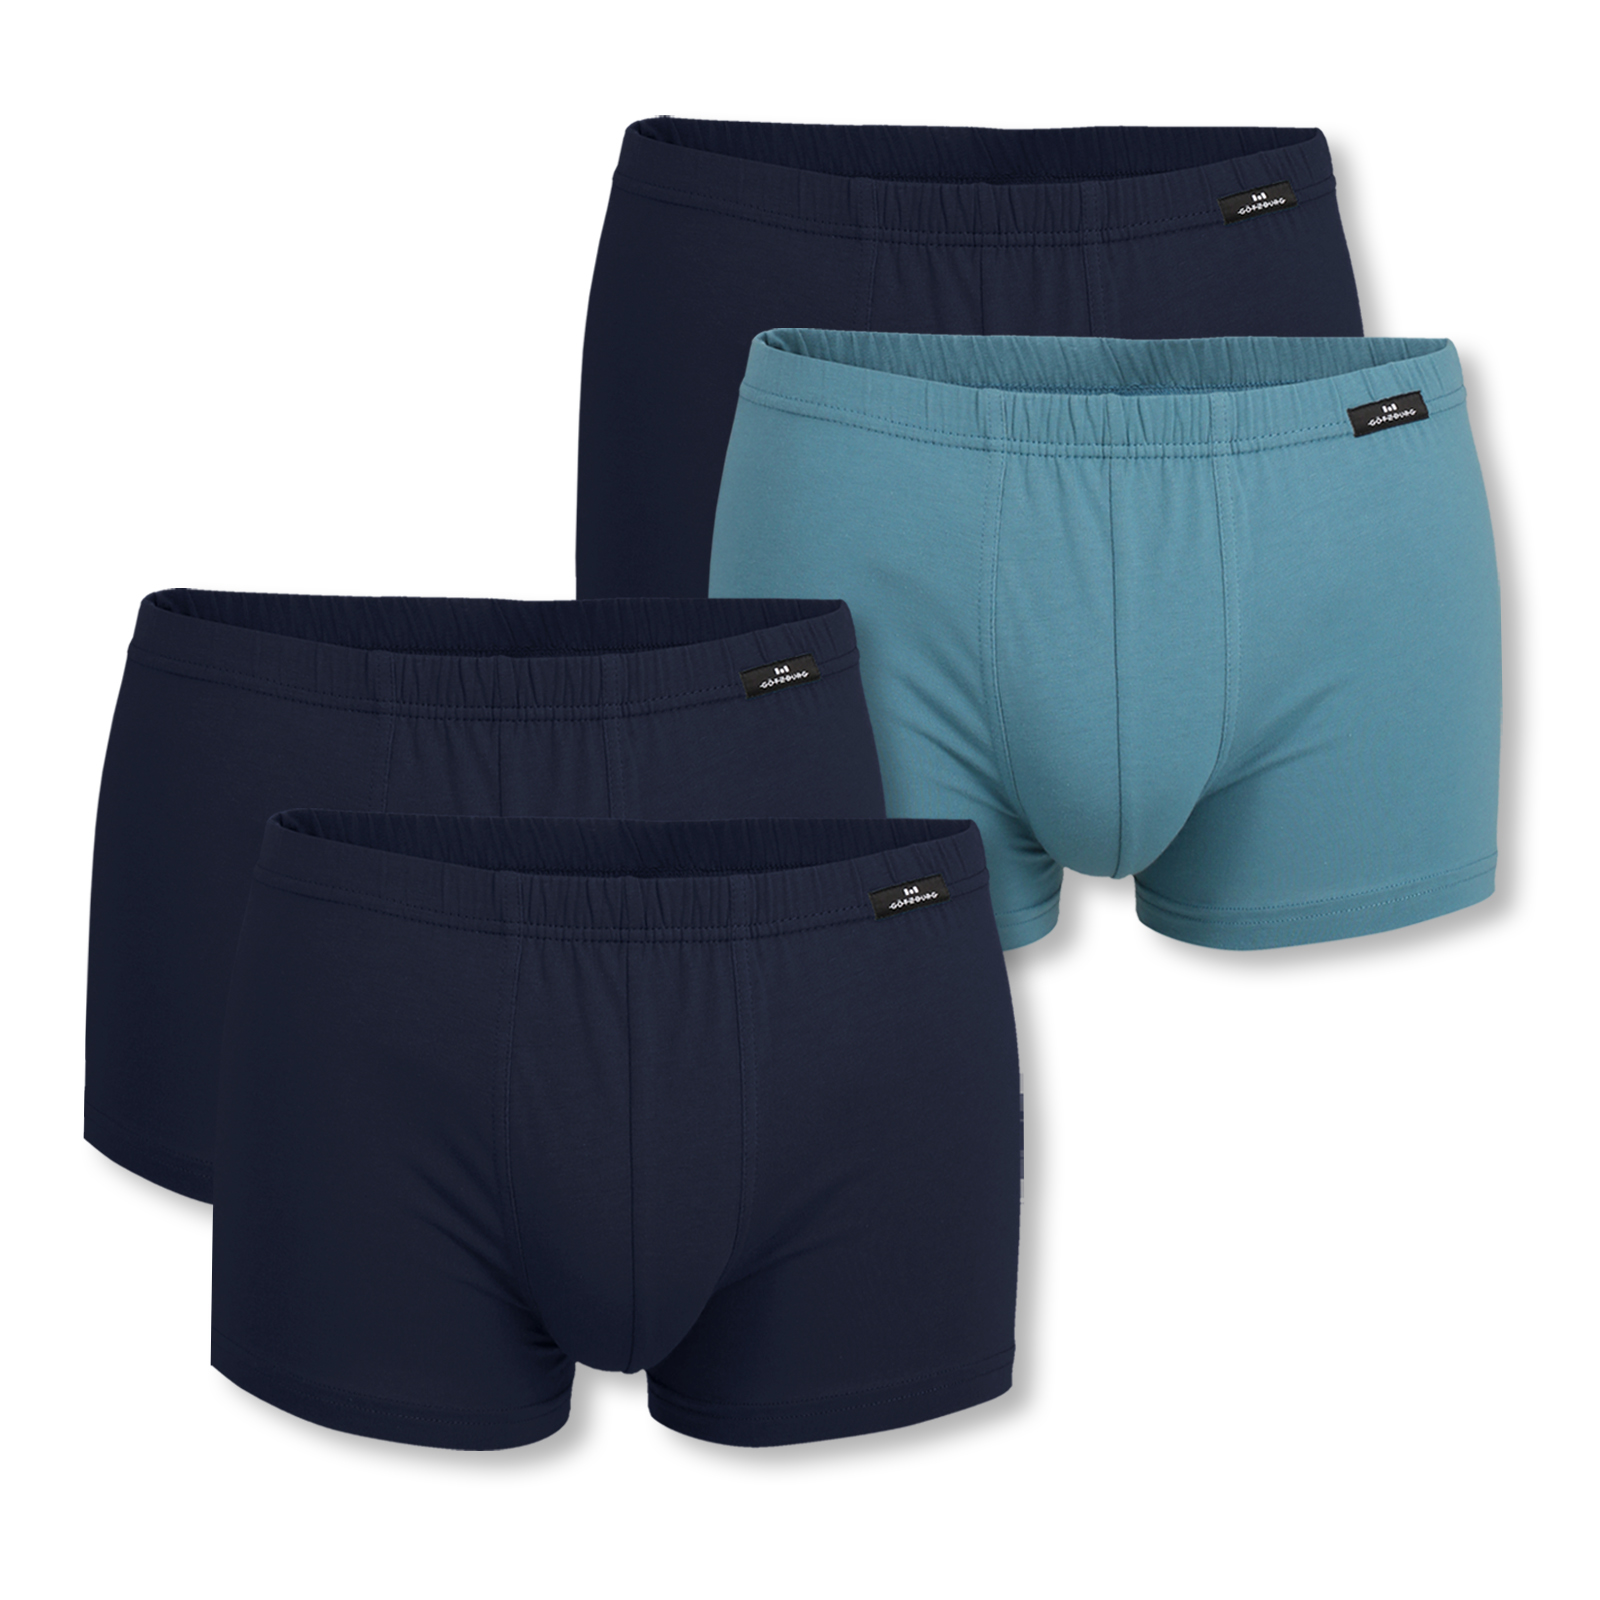 2er Pack Götzburg Boxer Boxershorts Unterhose Pants M L XL XXL 741308 in dark blue / dark blue